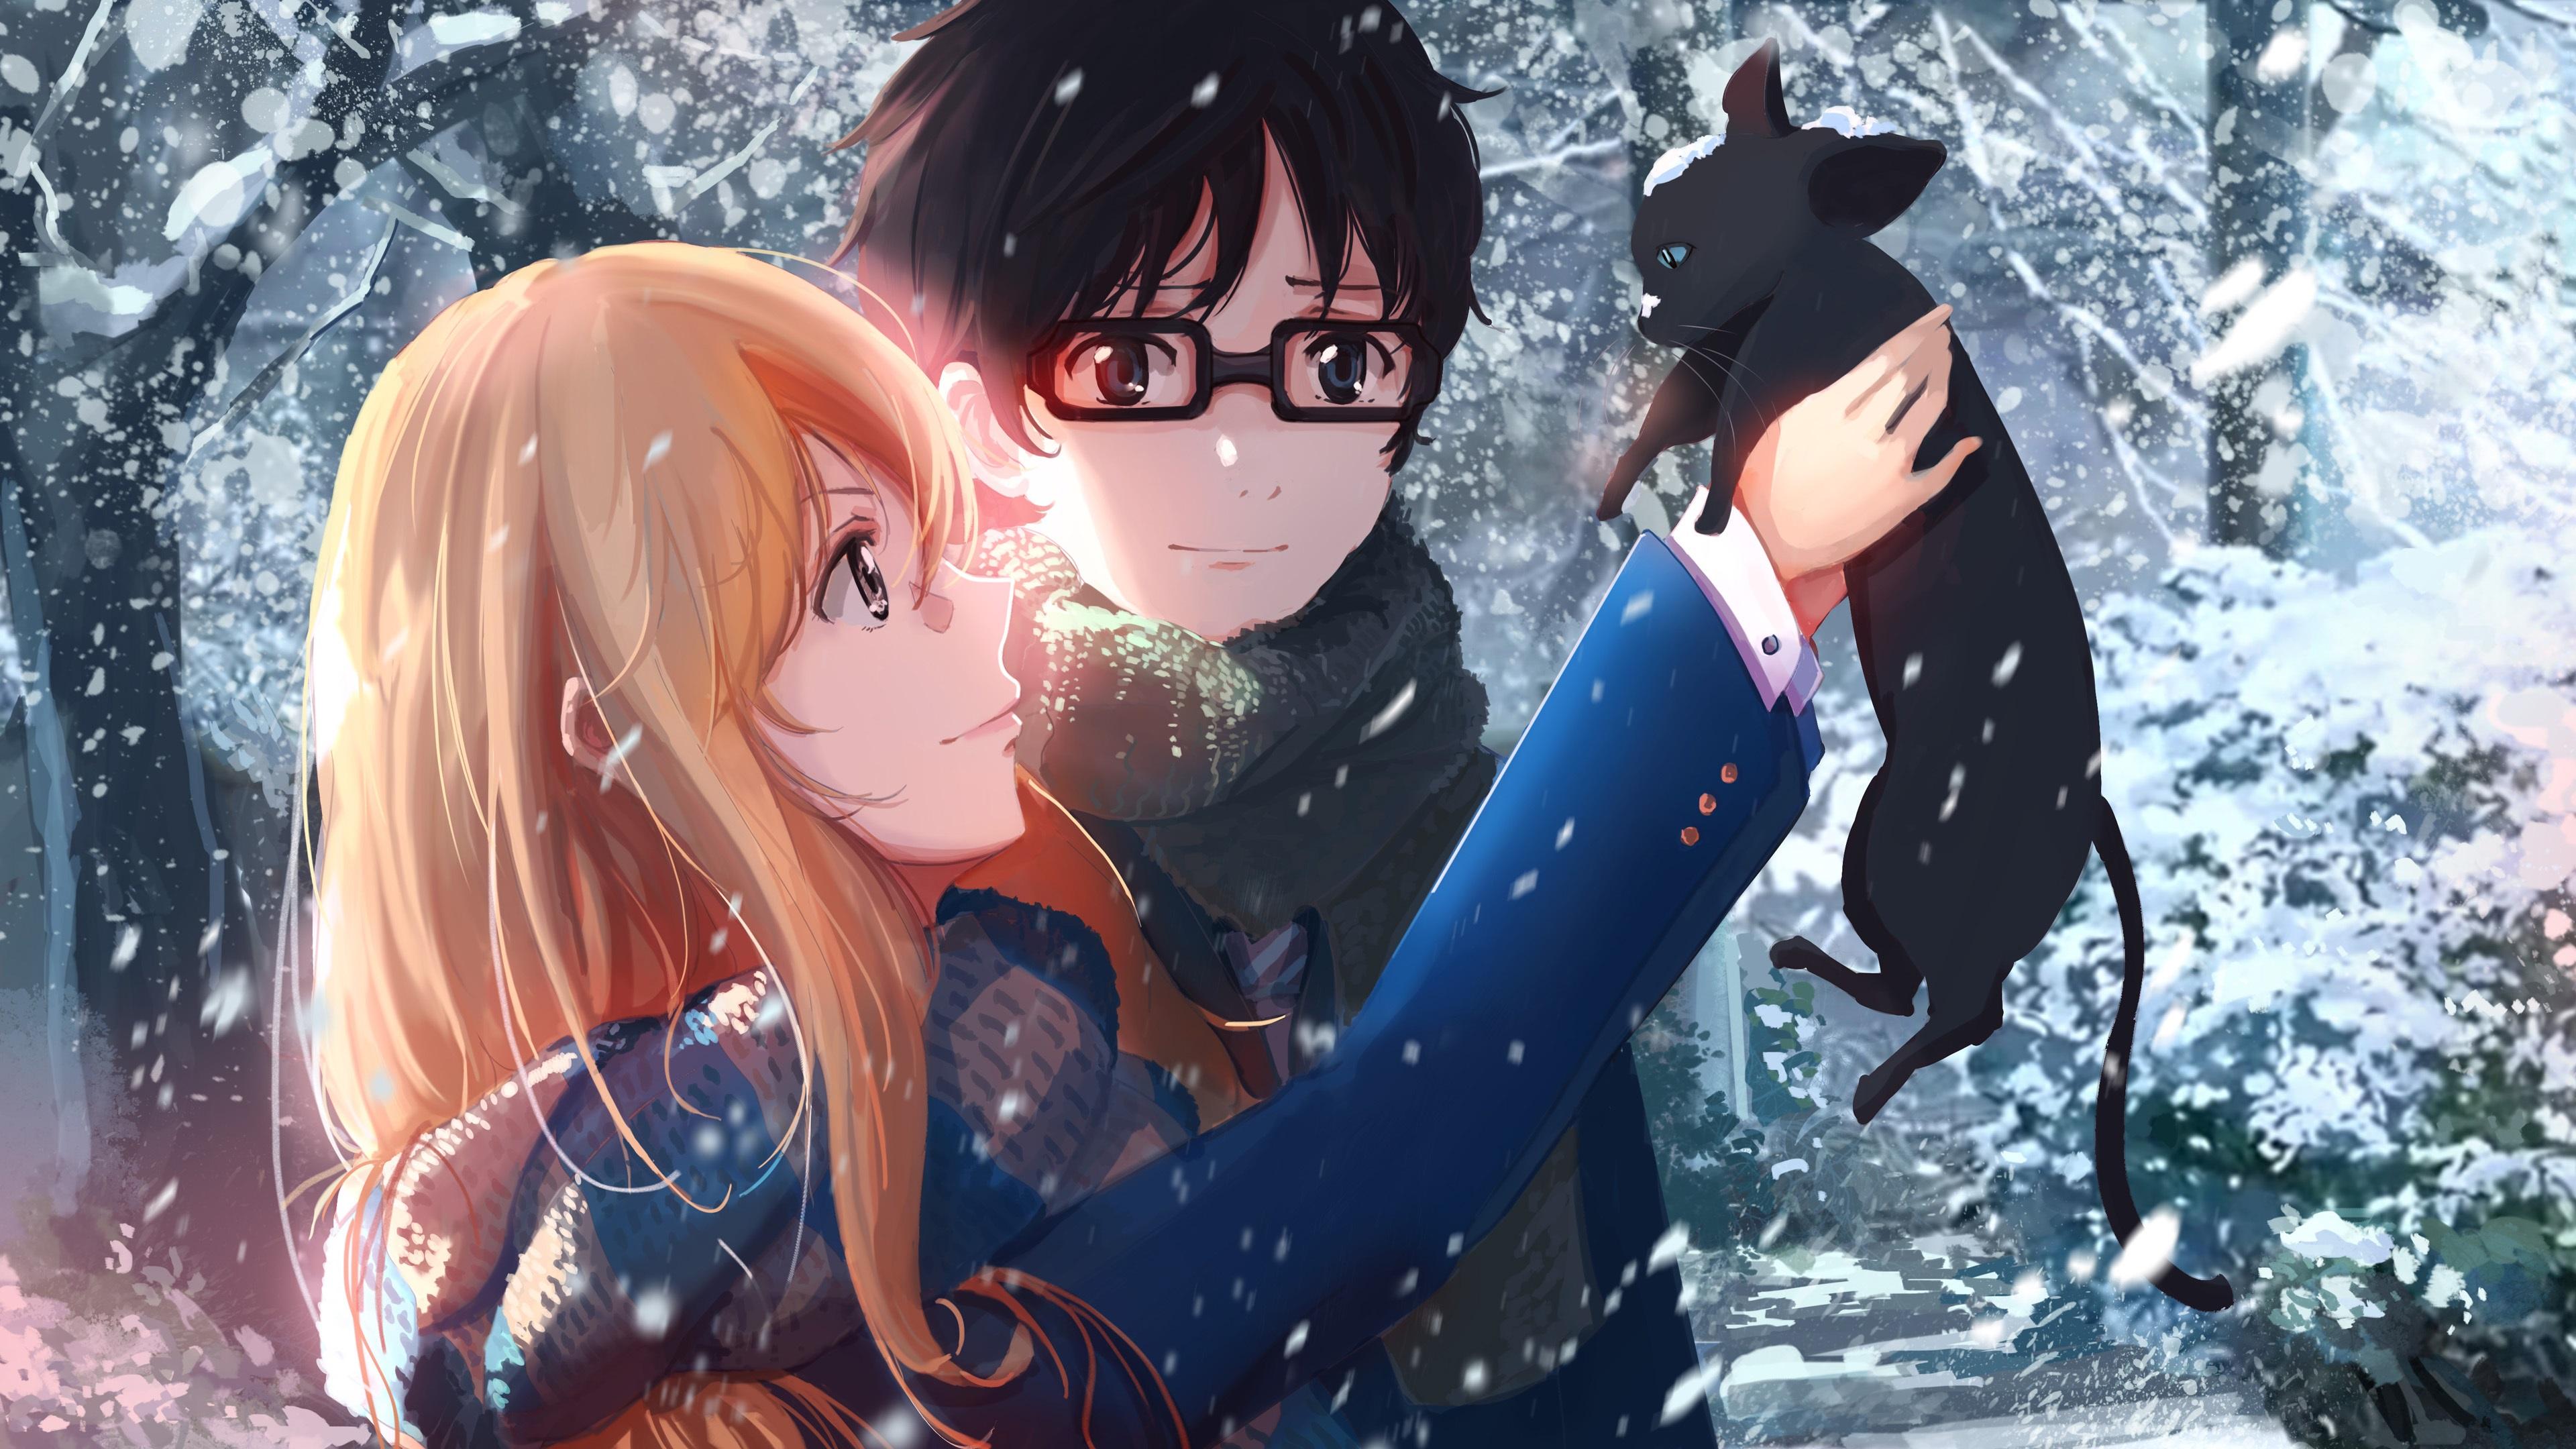 Anime Snow Cat Hd